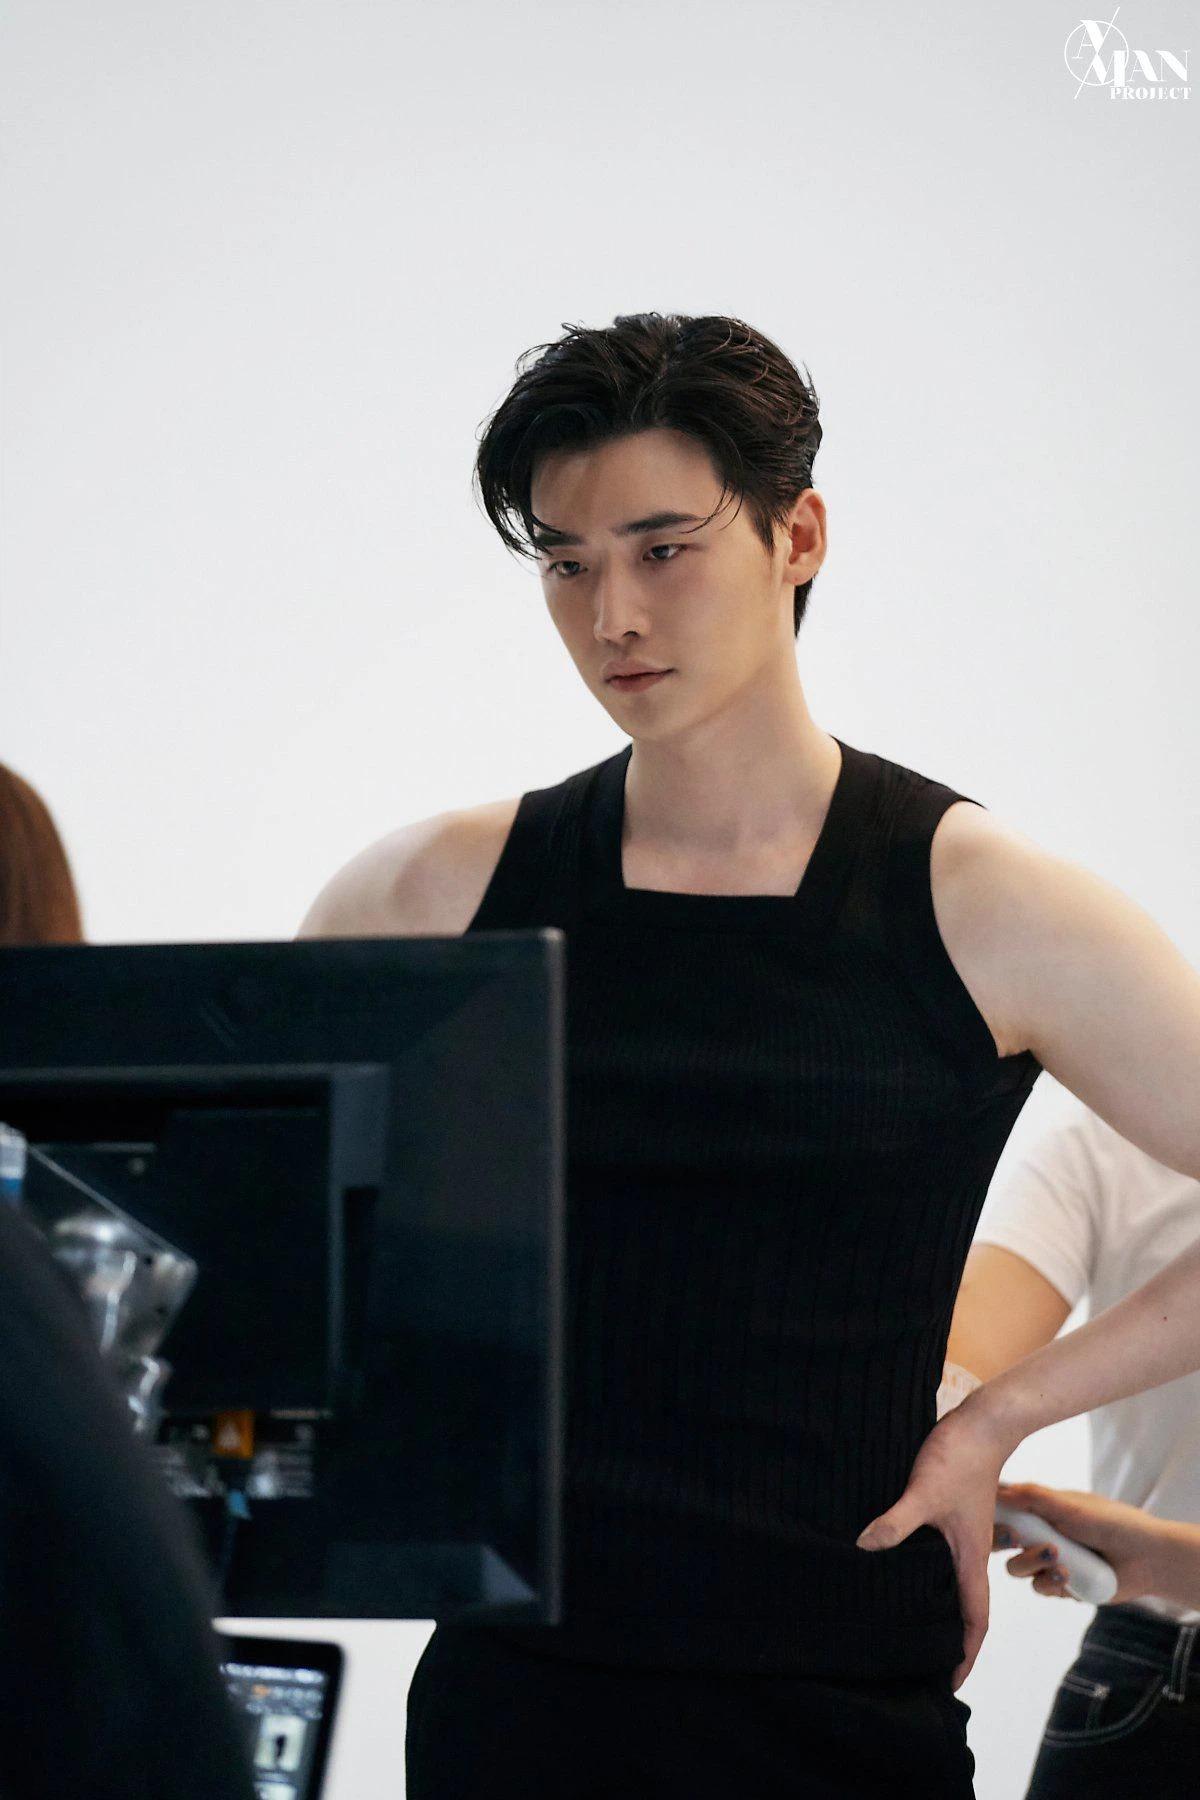 Lee Jong Suk lộ loạt ảnh thân hình như tượng tạc, thần thái 'bao ngầu' với ánh mắt có khả năng 'chế ngự' triệu trái tim 4